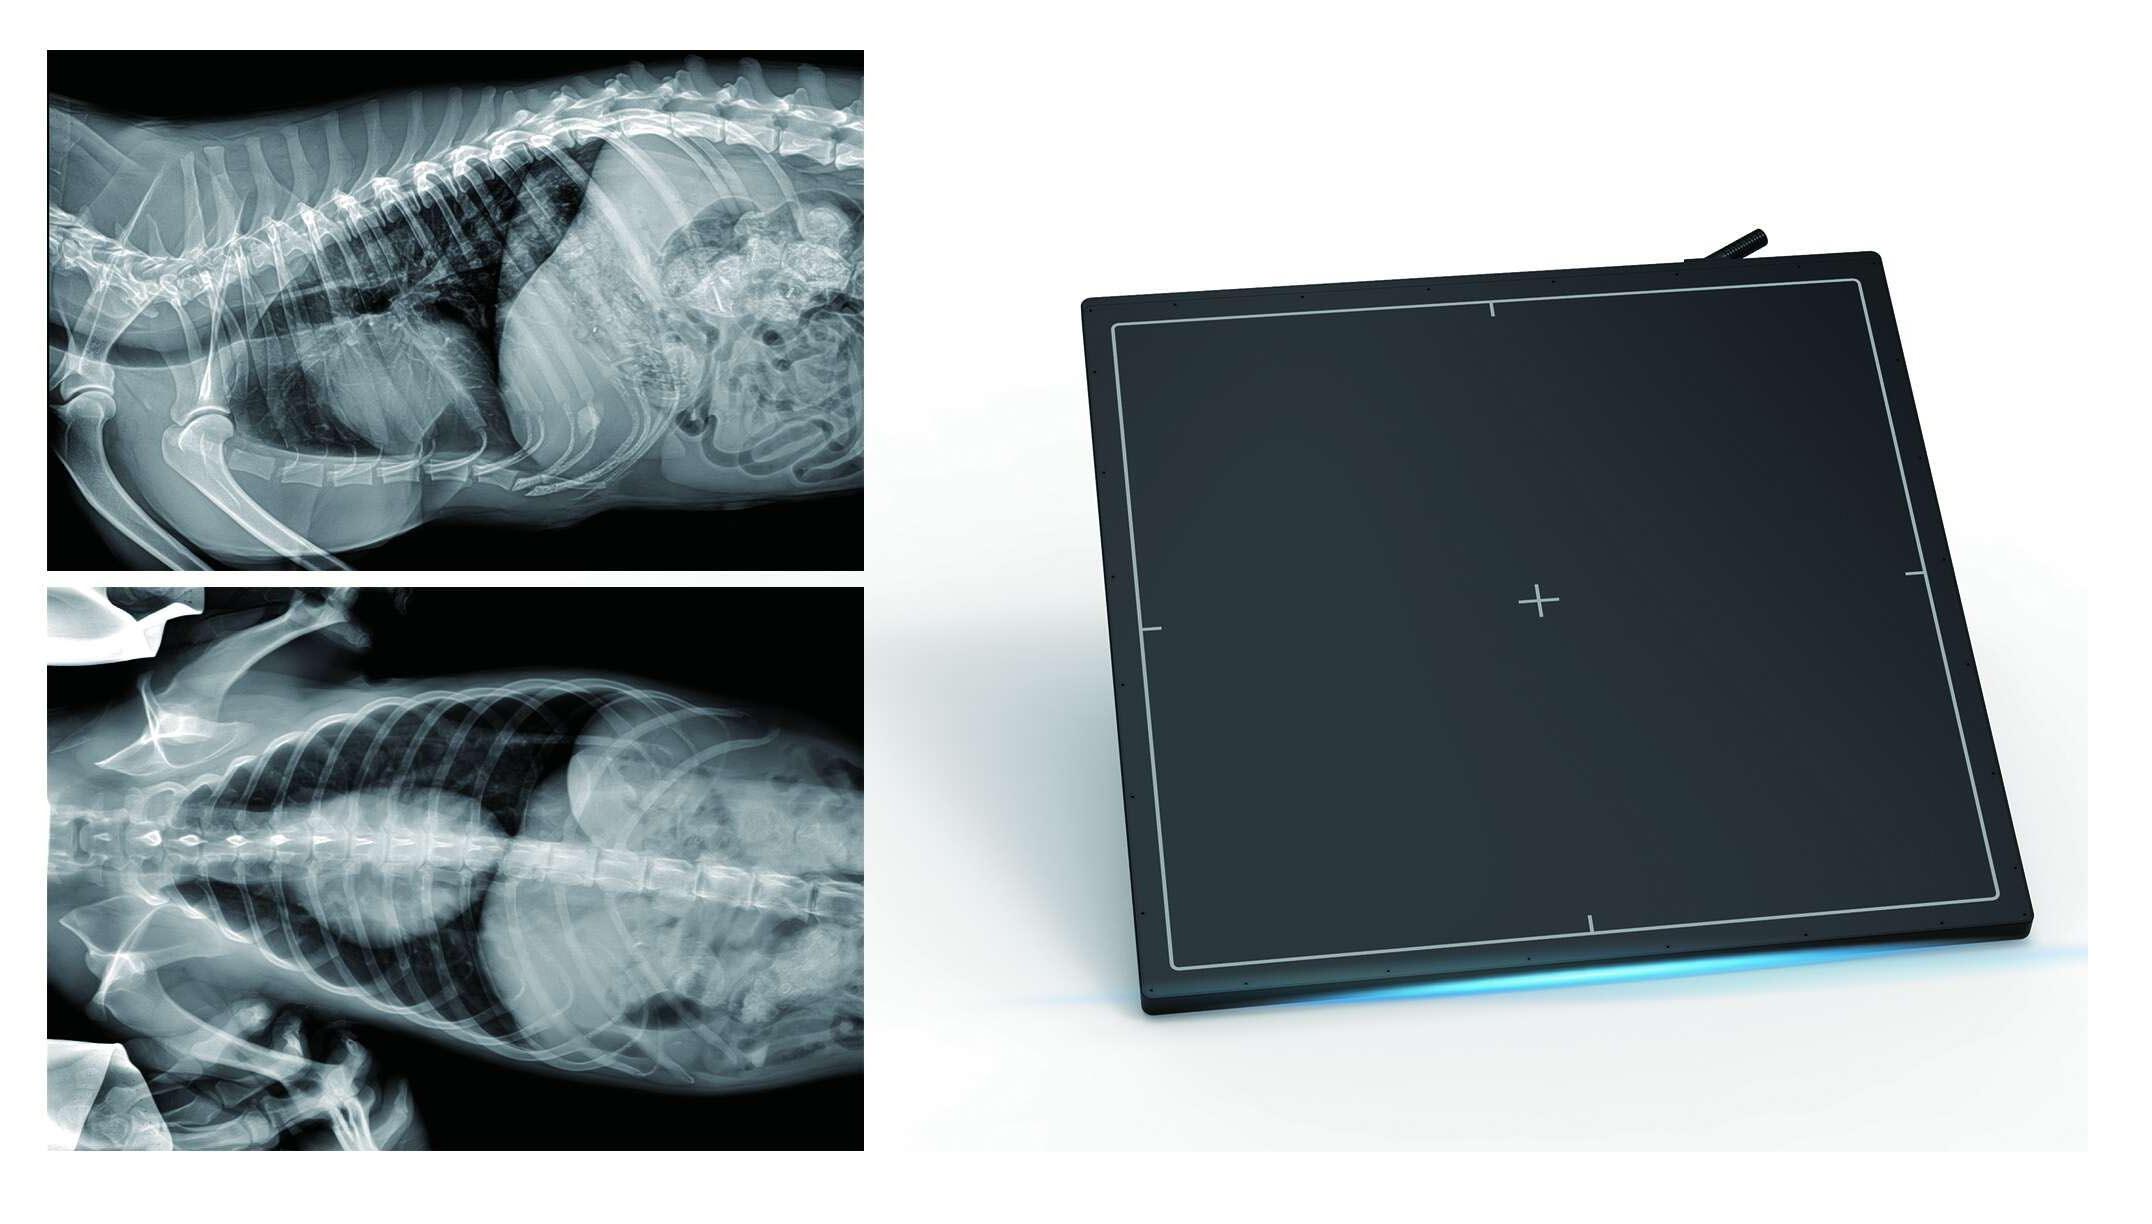 מסך לרנטגן דיגיטלי